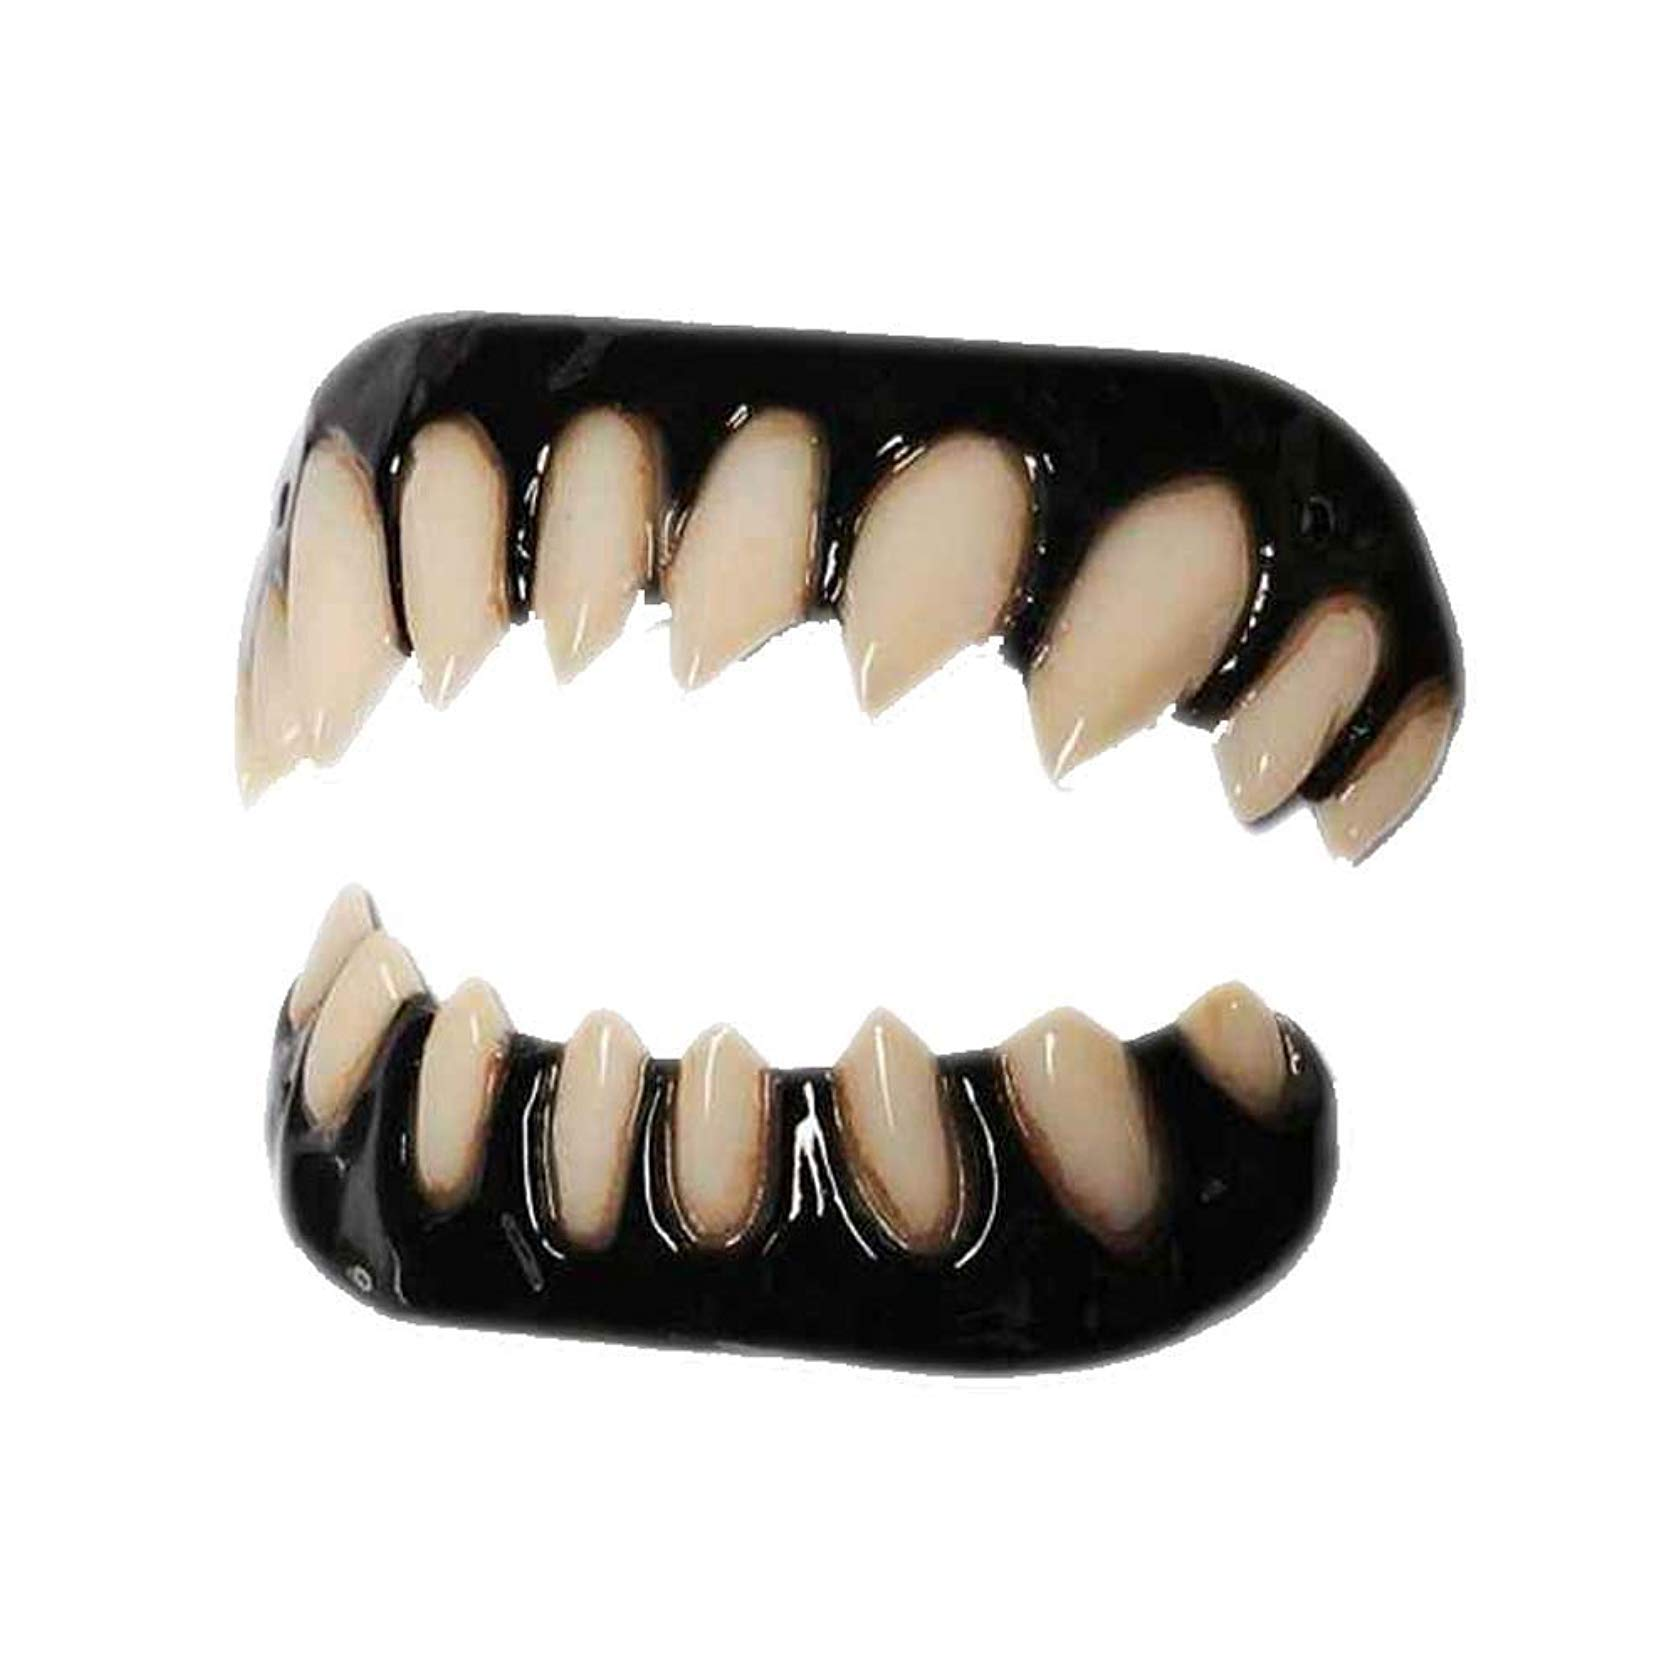 Black Gum Gaul FX Fangs 2.0 Teeth Dental Veneer